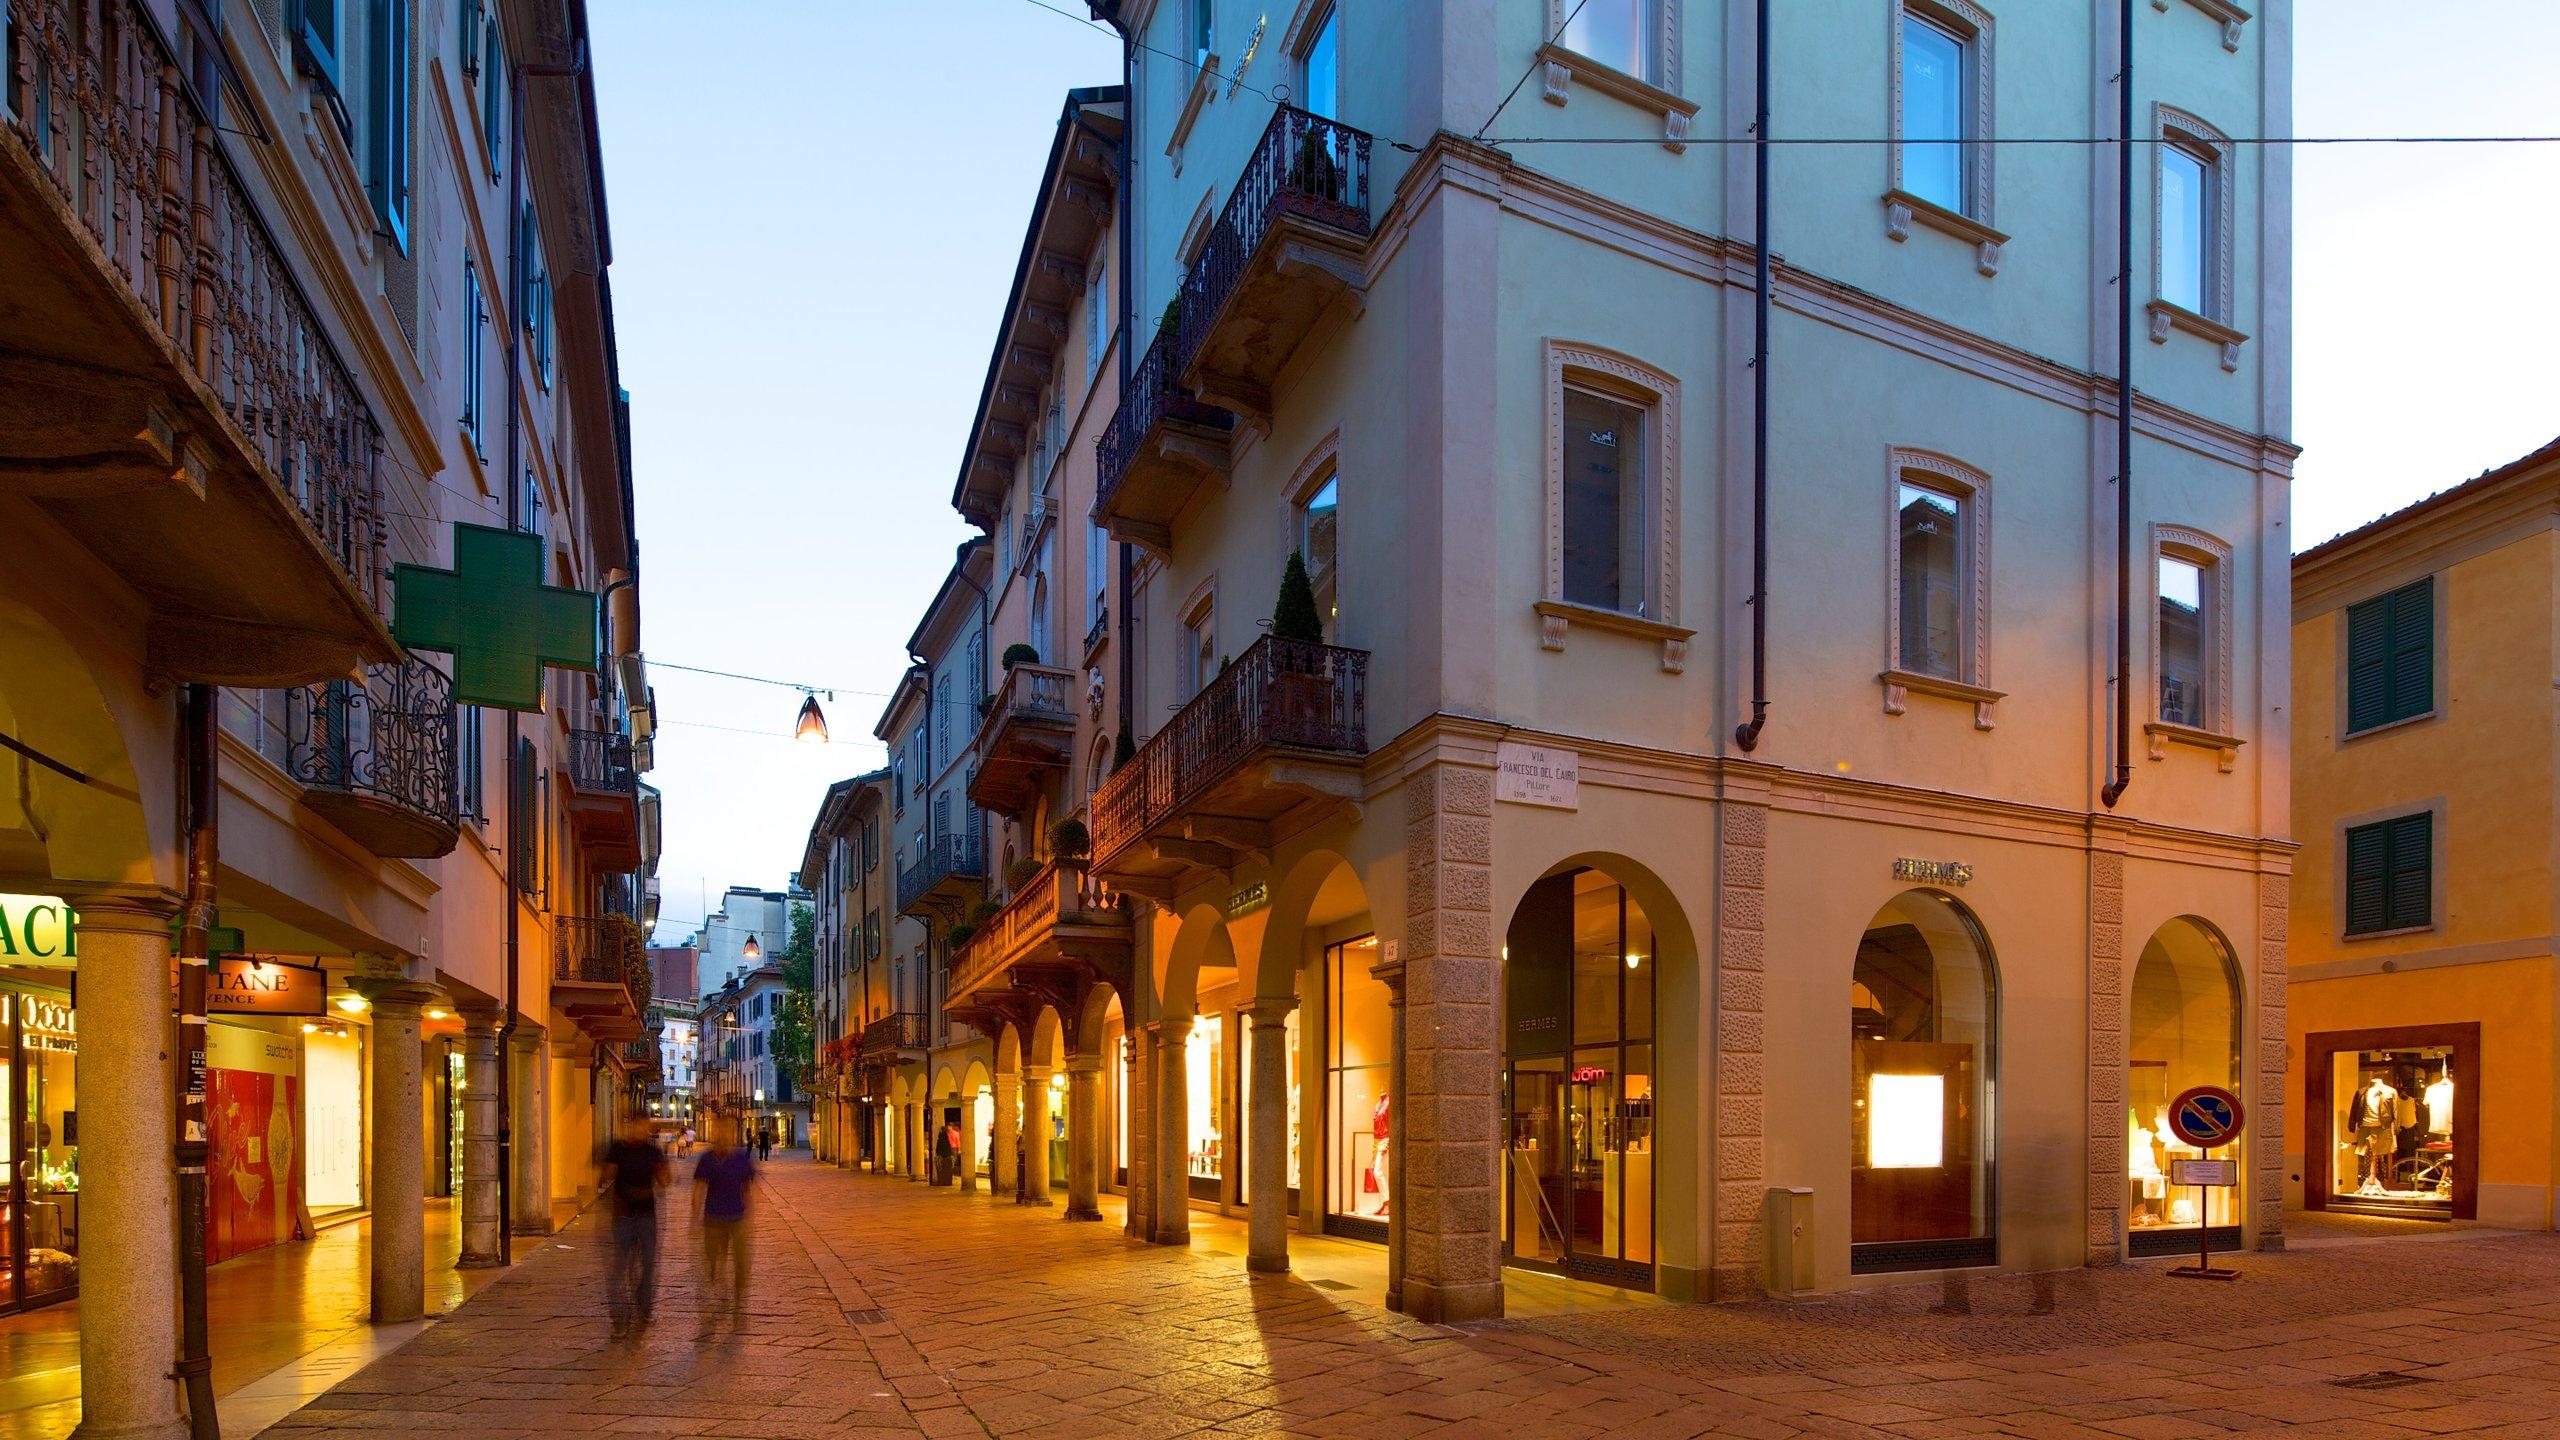 6488 Hotel a Varese (Cancellazione GRATUITA su molti Alberghi) Expedia.it